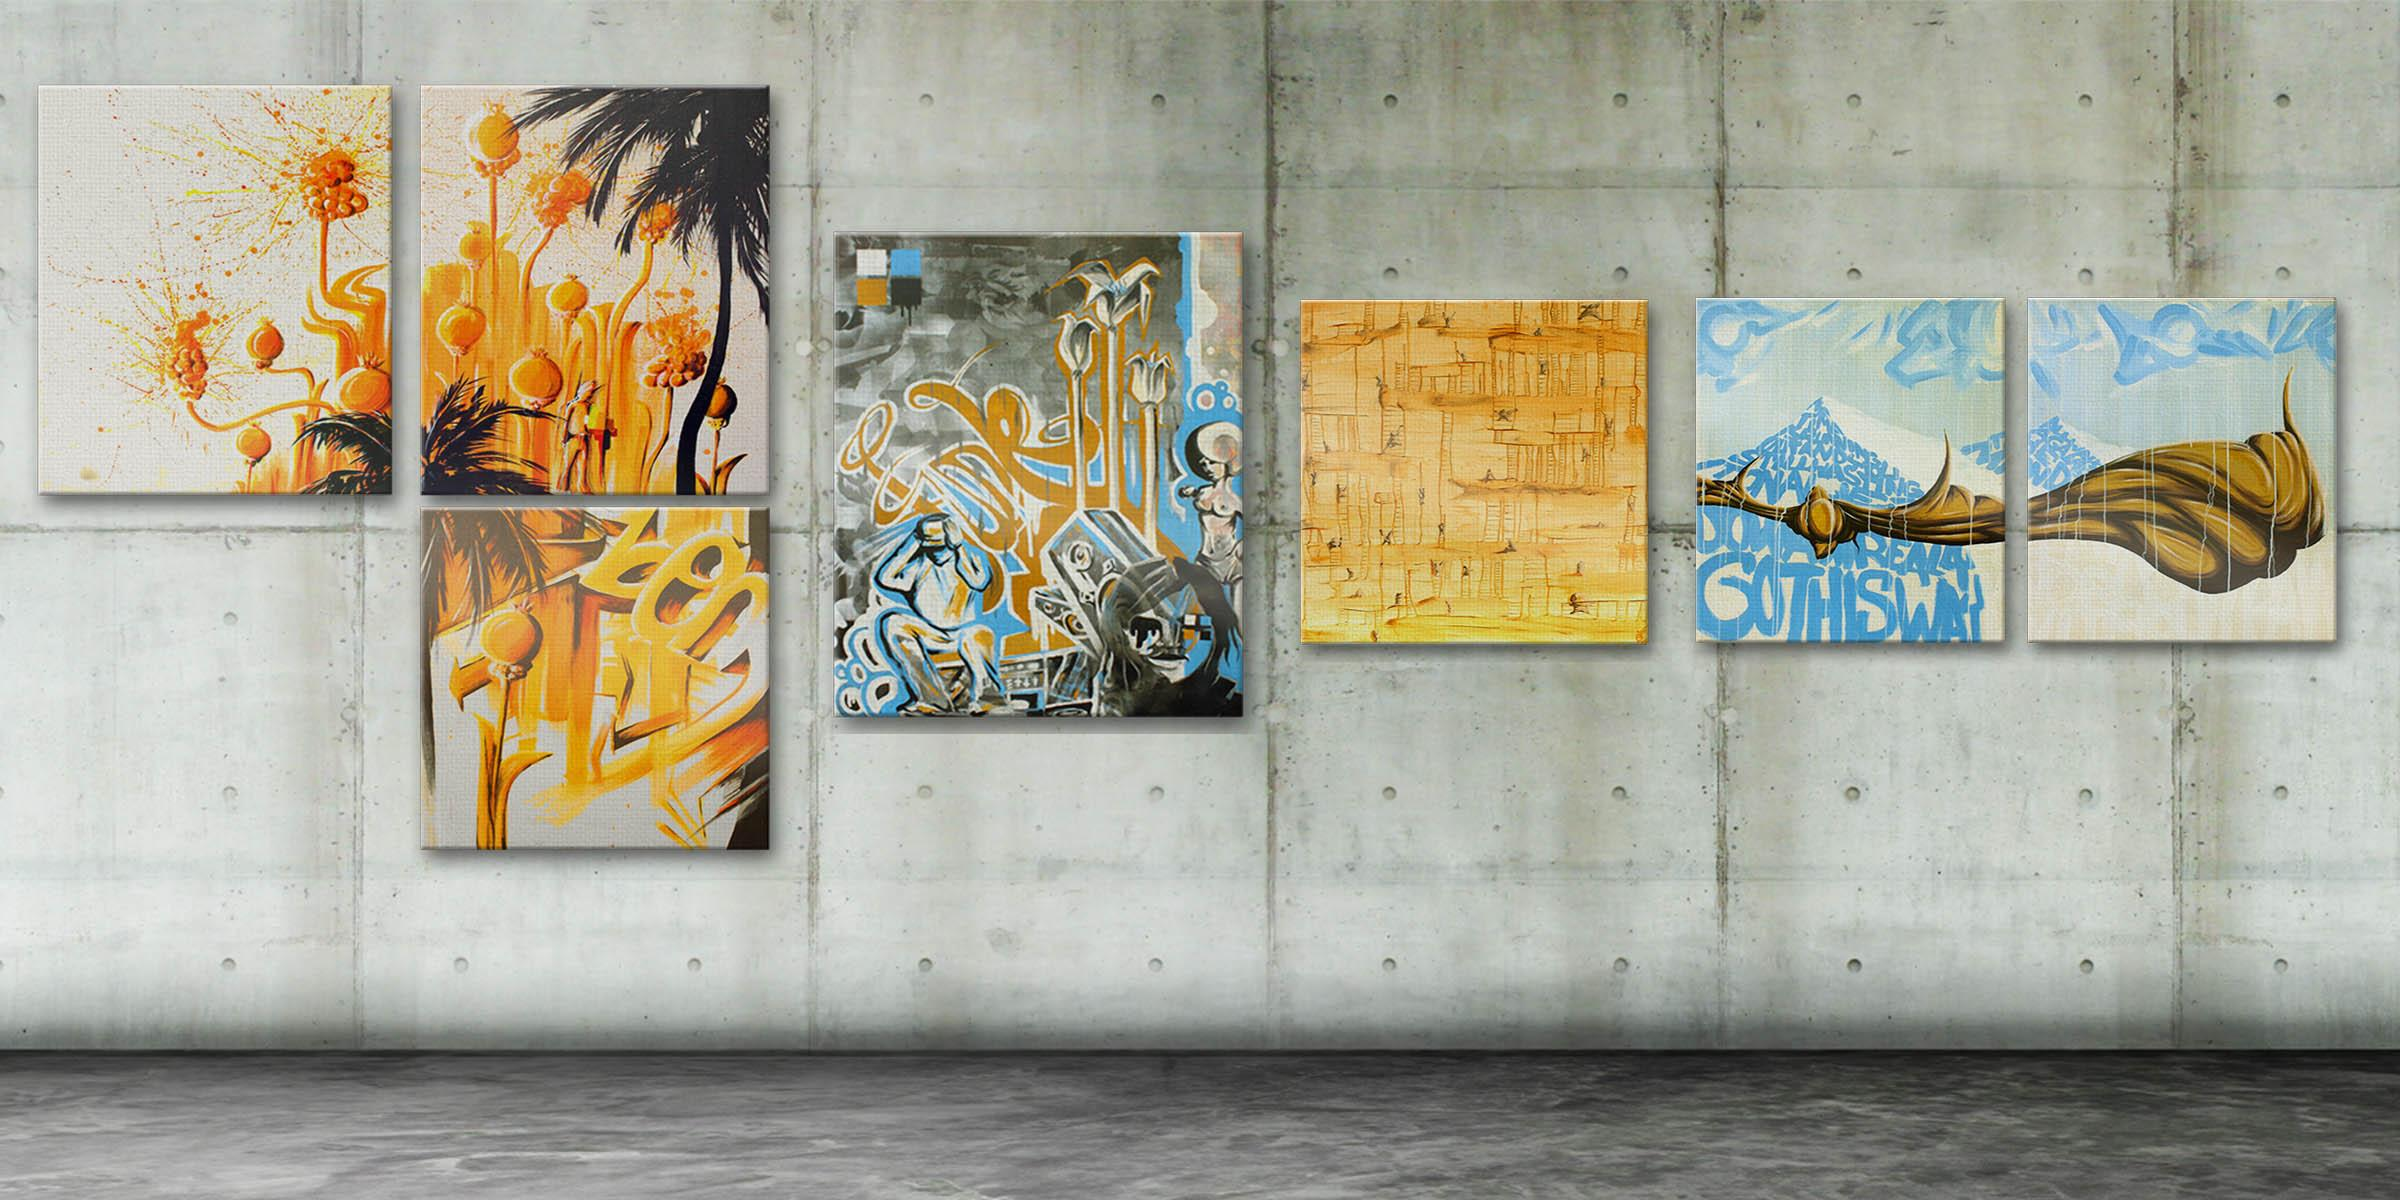 8 art artist street art illustrator gregor fenger art street acryl jakarta fair scribble graffiti